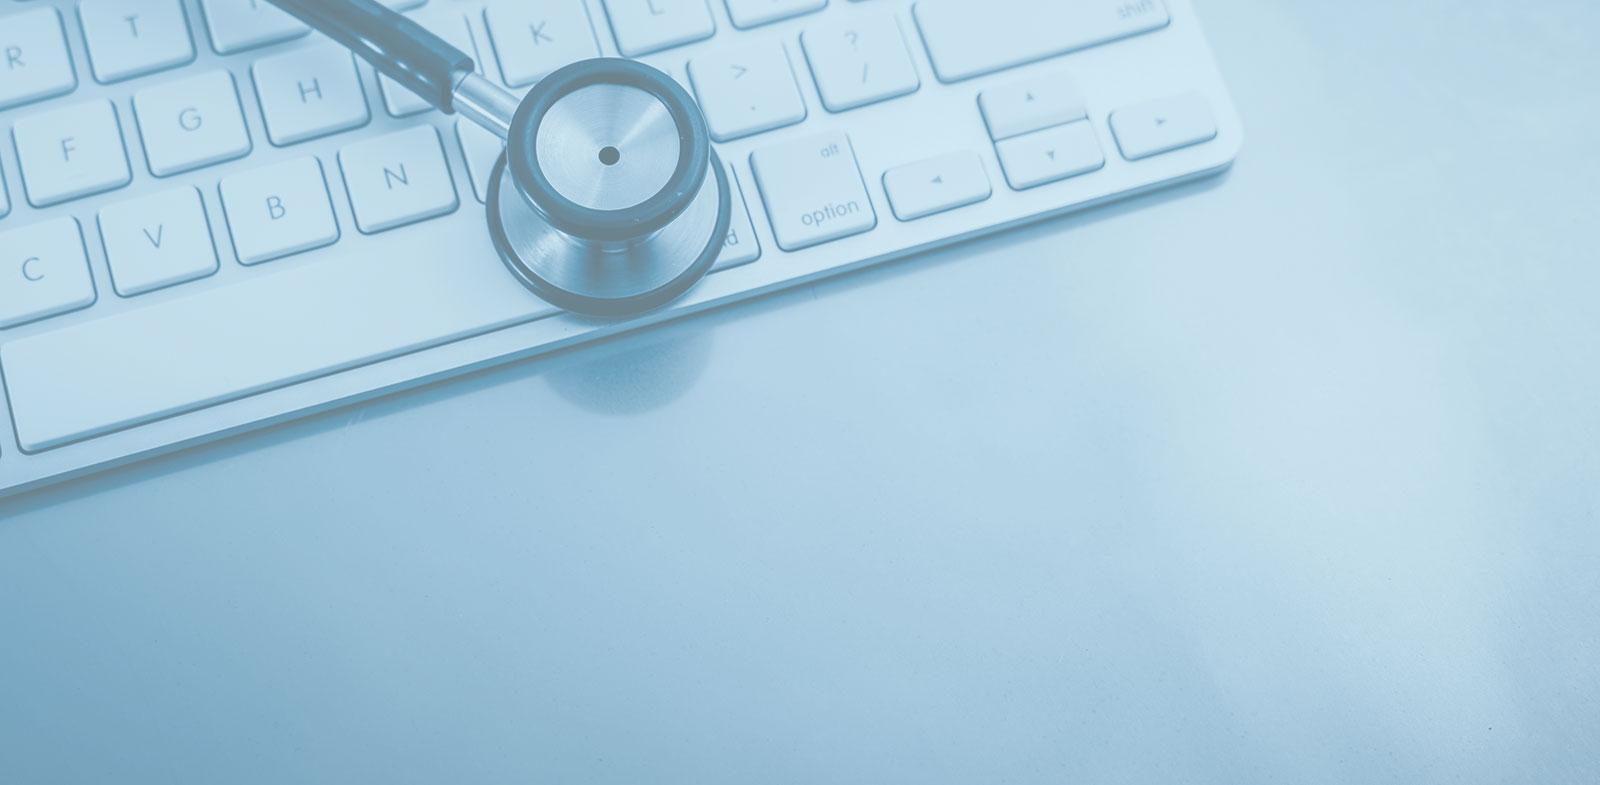 Ģimenes ārstus joprojām neapmierina e-veselības darbība